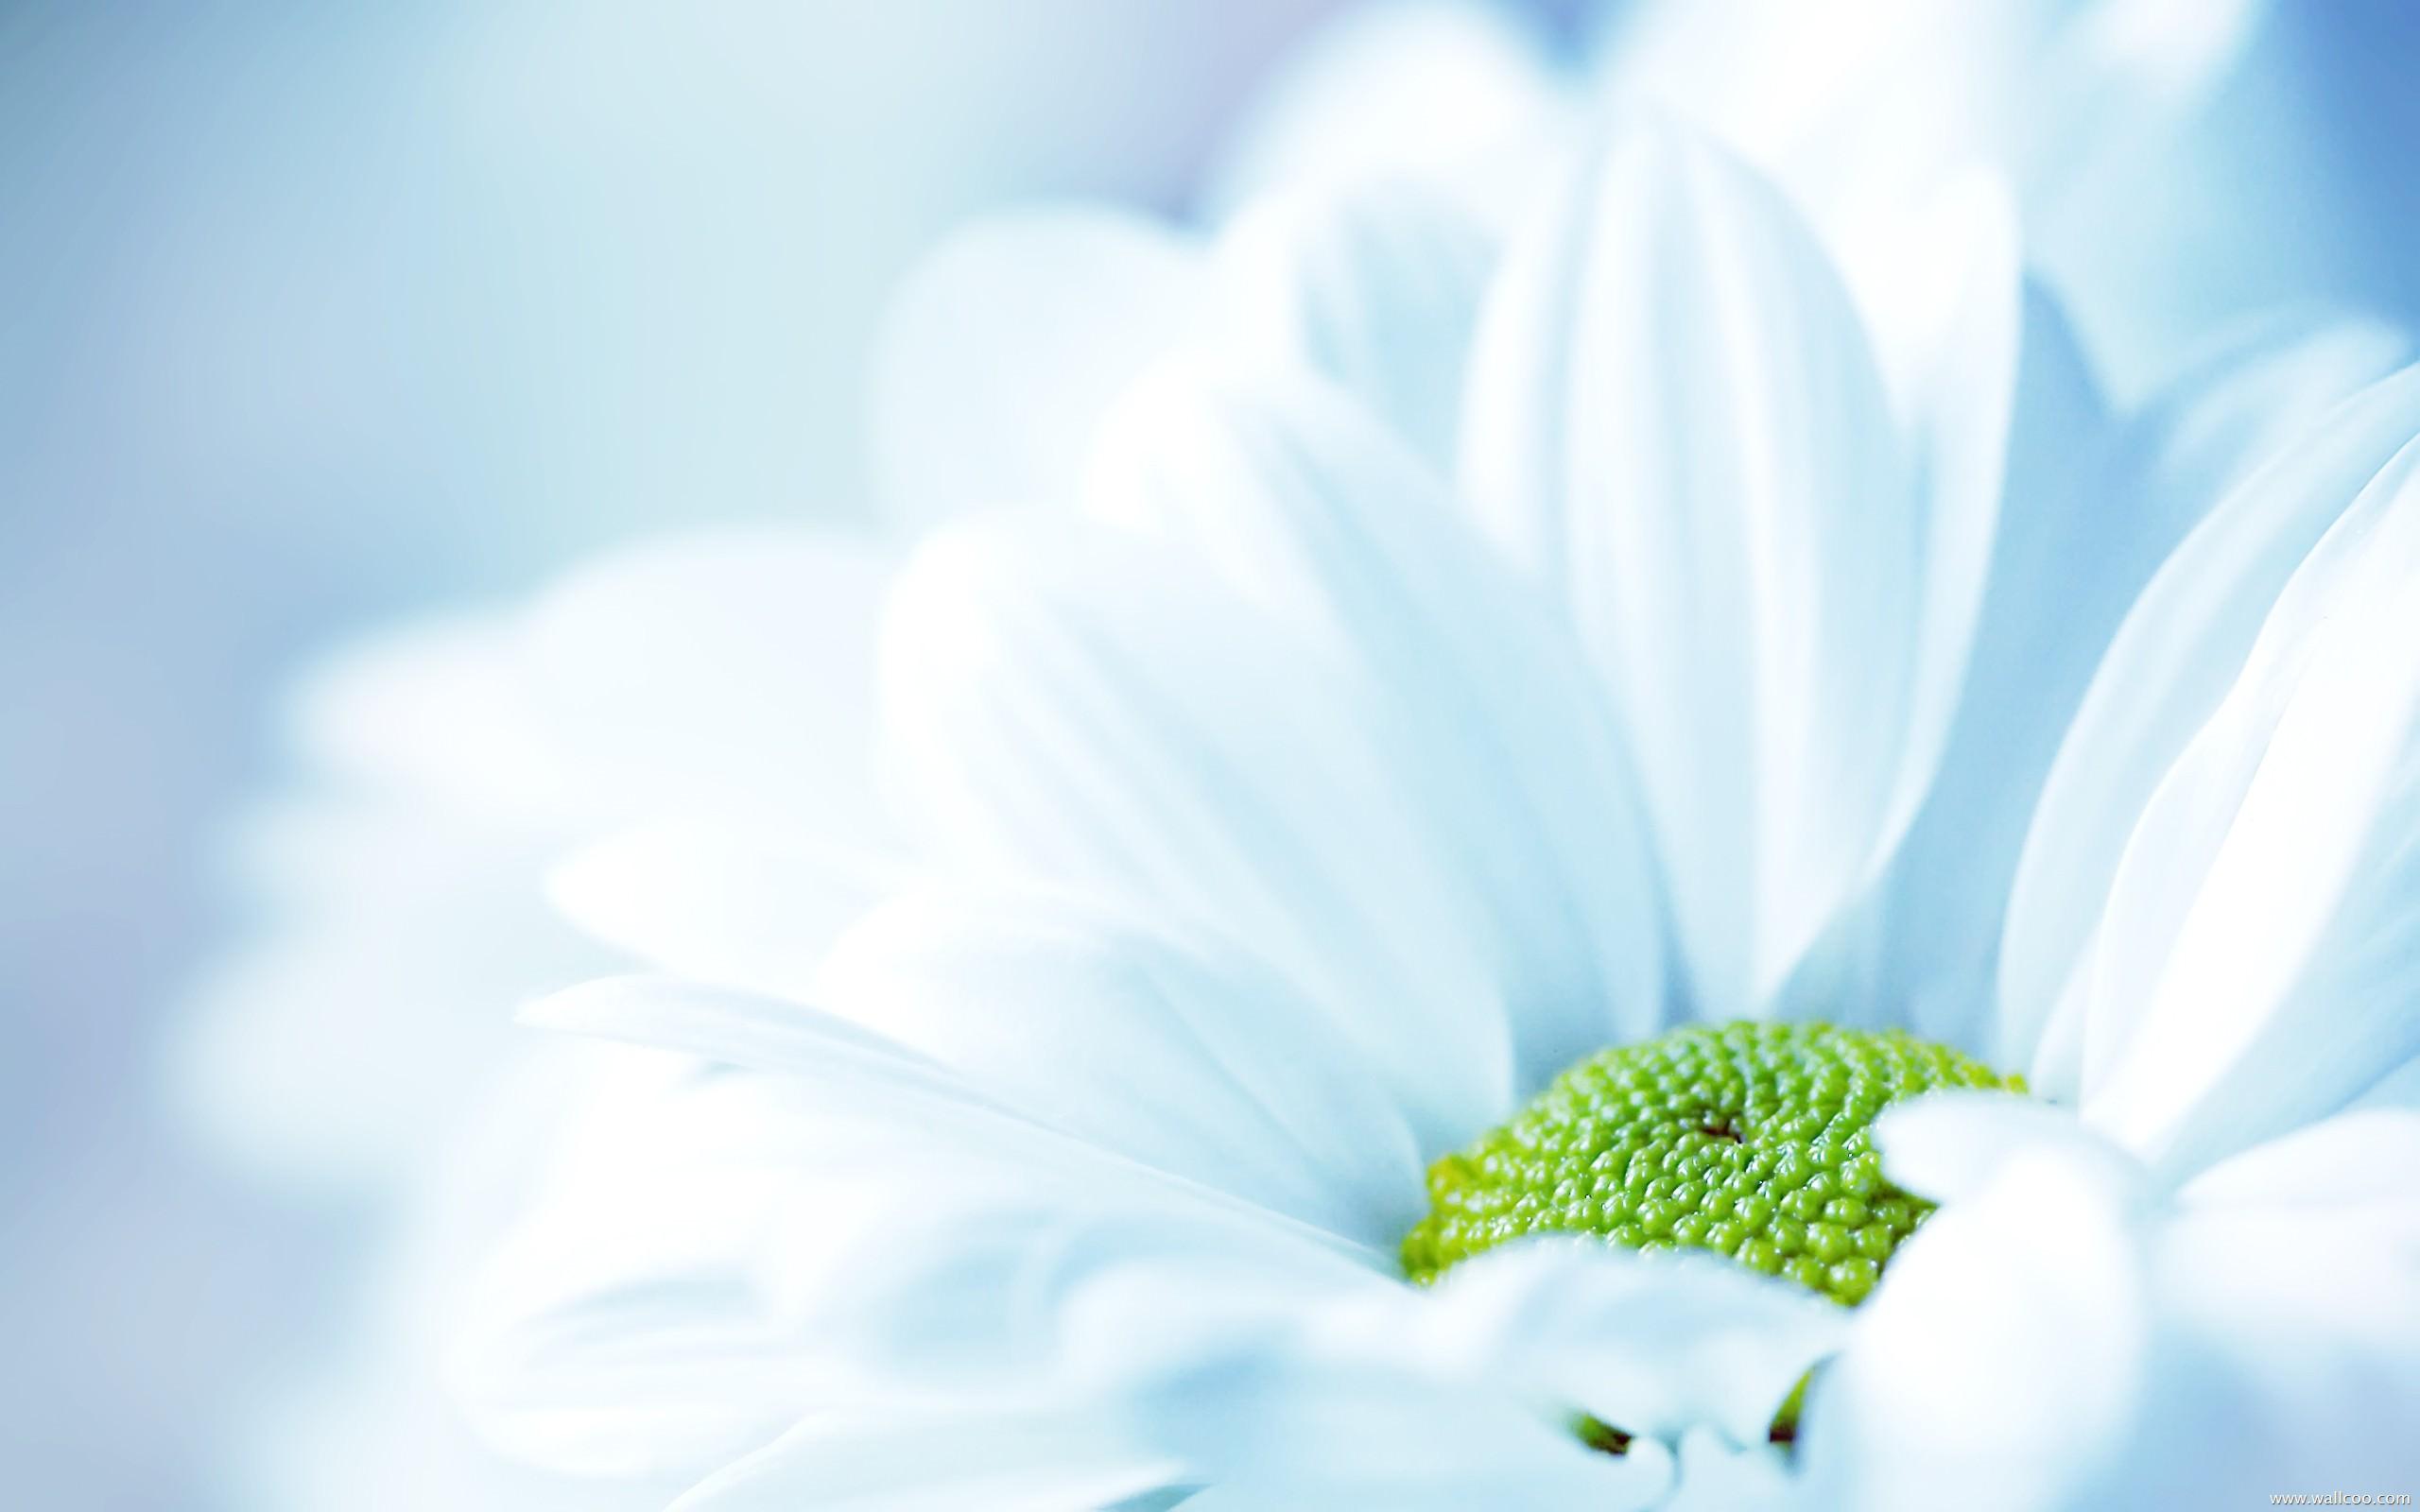 Hình nền Powerpoint đẹp về hoa đẹp và dễ thương nhất